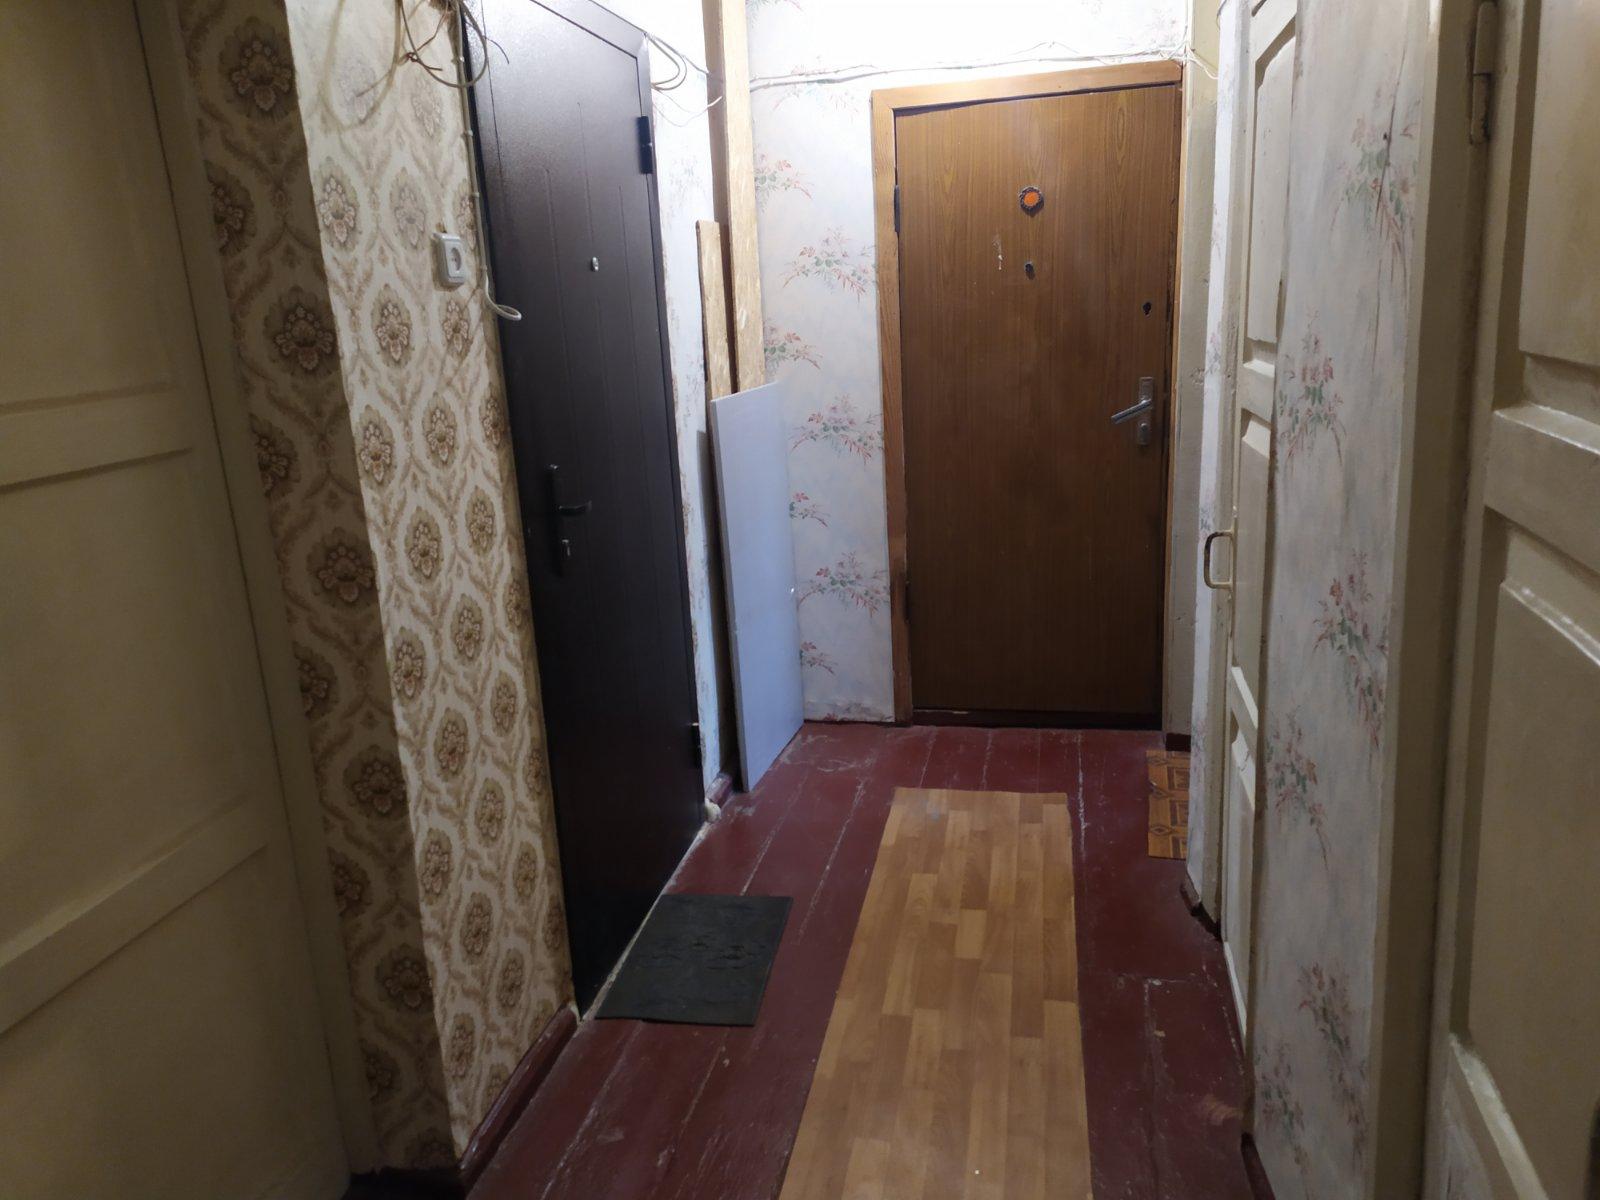 Мироносицкая,Харьковская область,1 Комната Комнат,Житлова нерухомість,Мироносицкая,5,1249